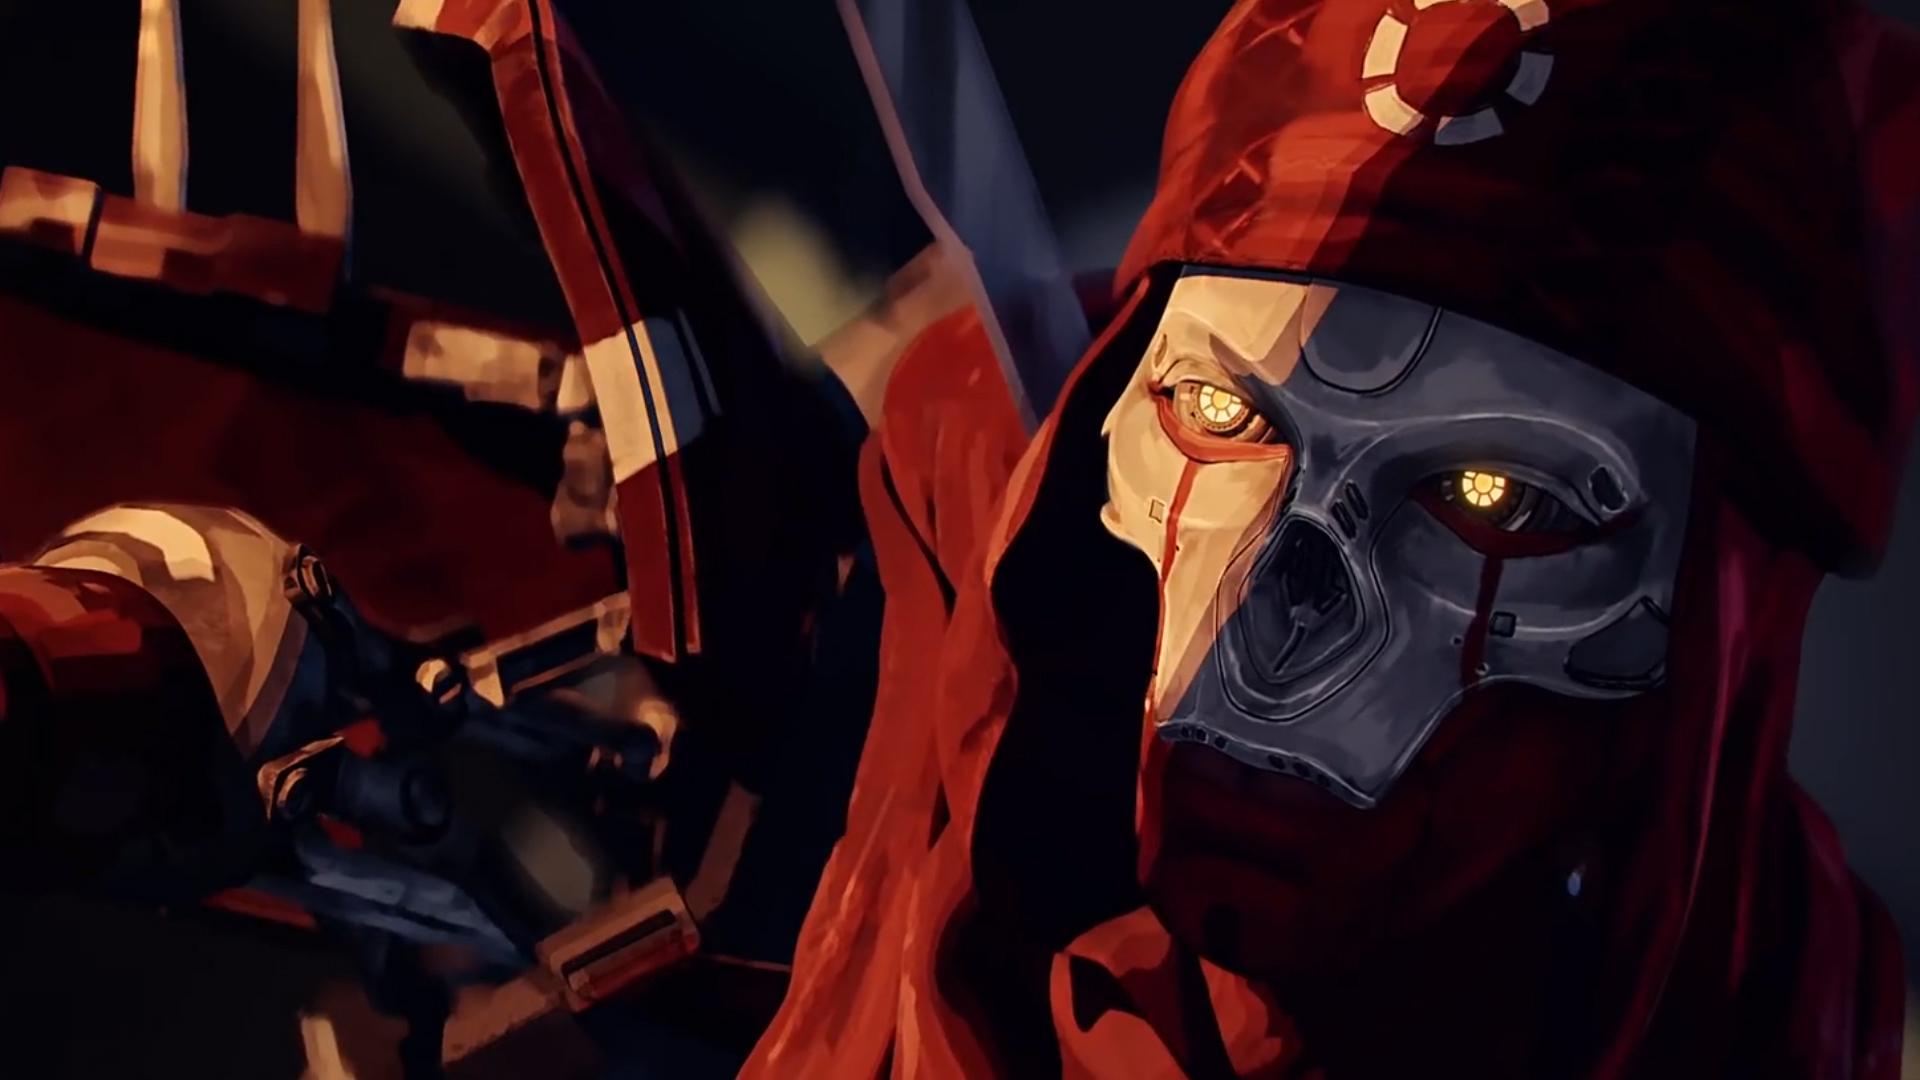 【スゴイけど怖い】レヴナントのマスクを作るAPEXファン現る!?→目の作り込みが凄すぎるwww